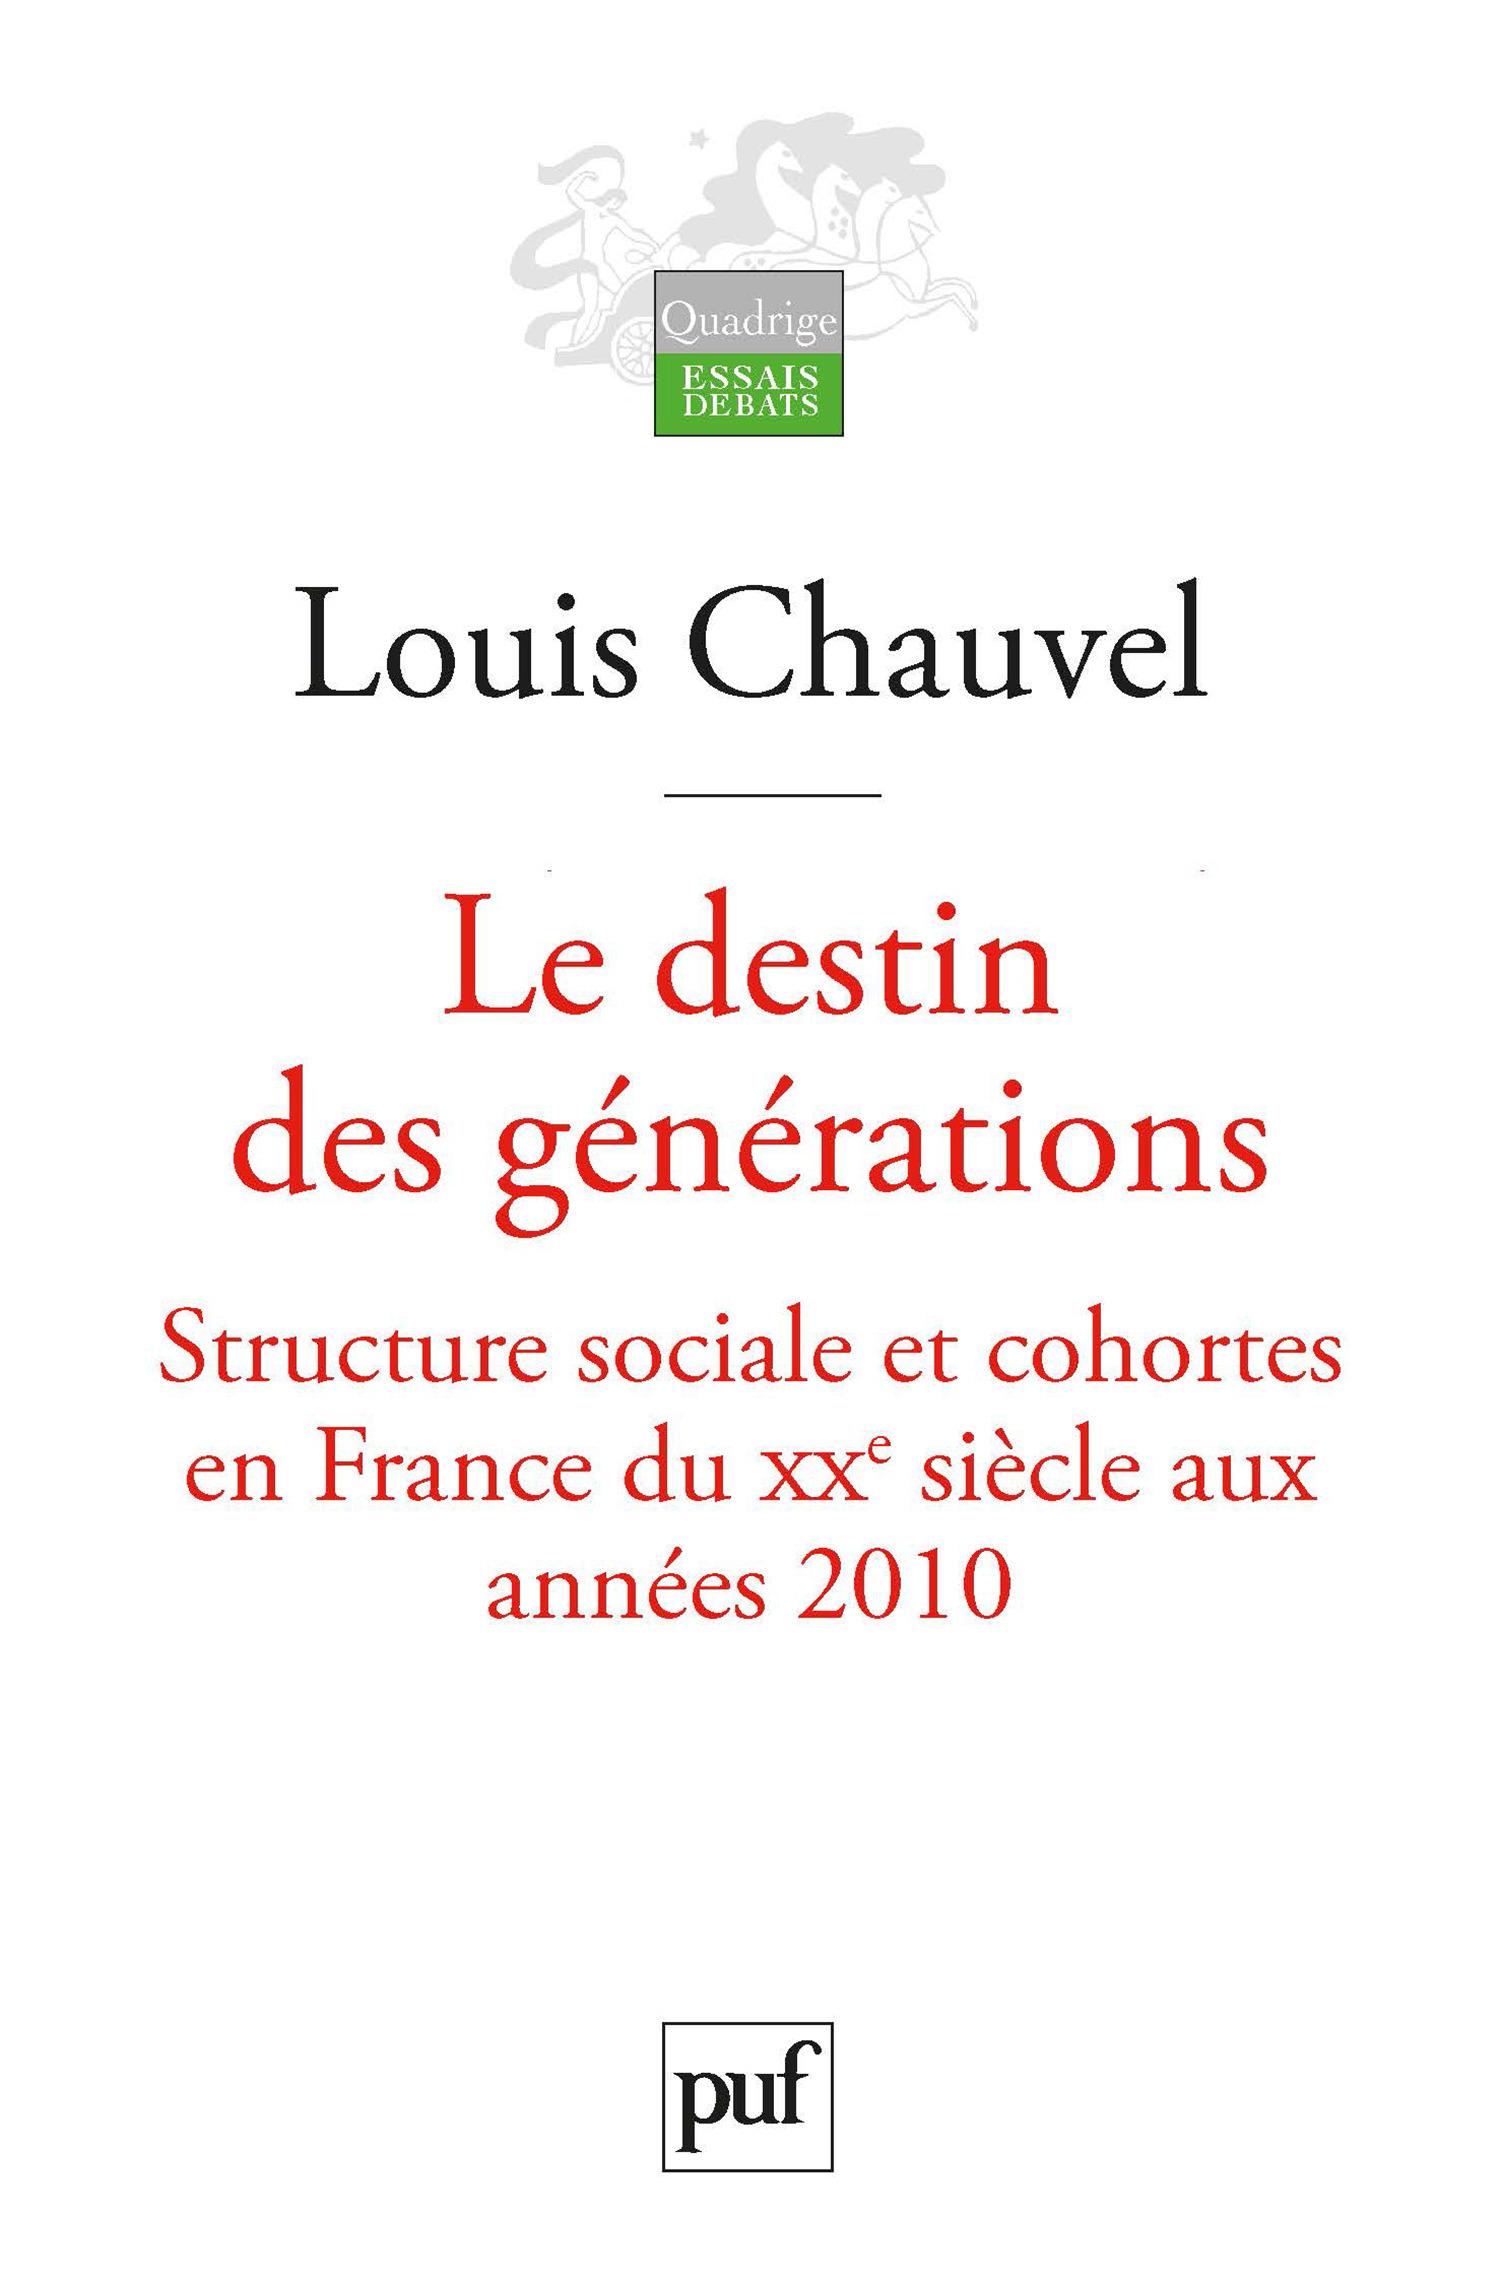 le destin des générations ; structure sociale et cohortes en France du XXe siècle aux années 2010